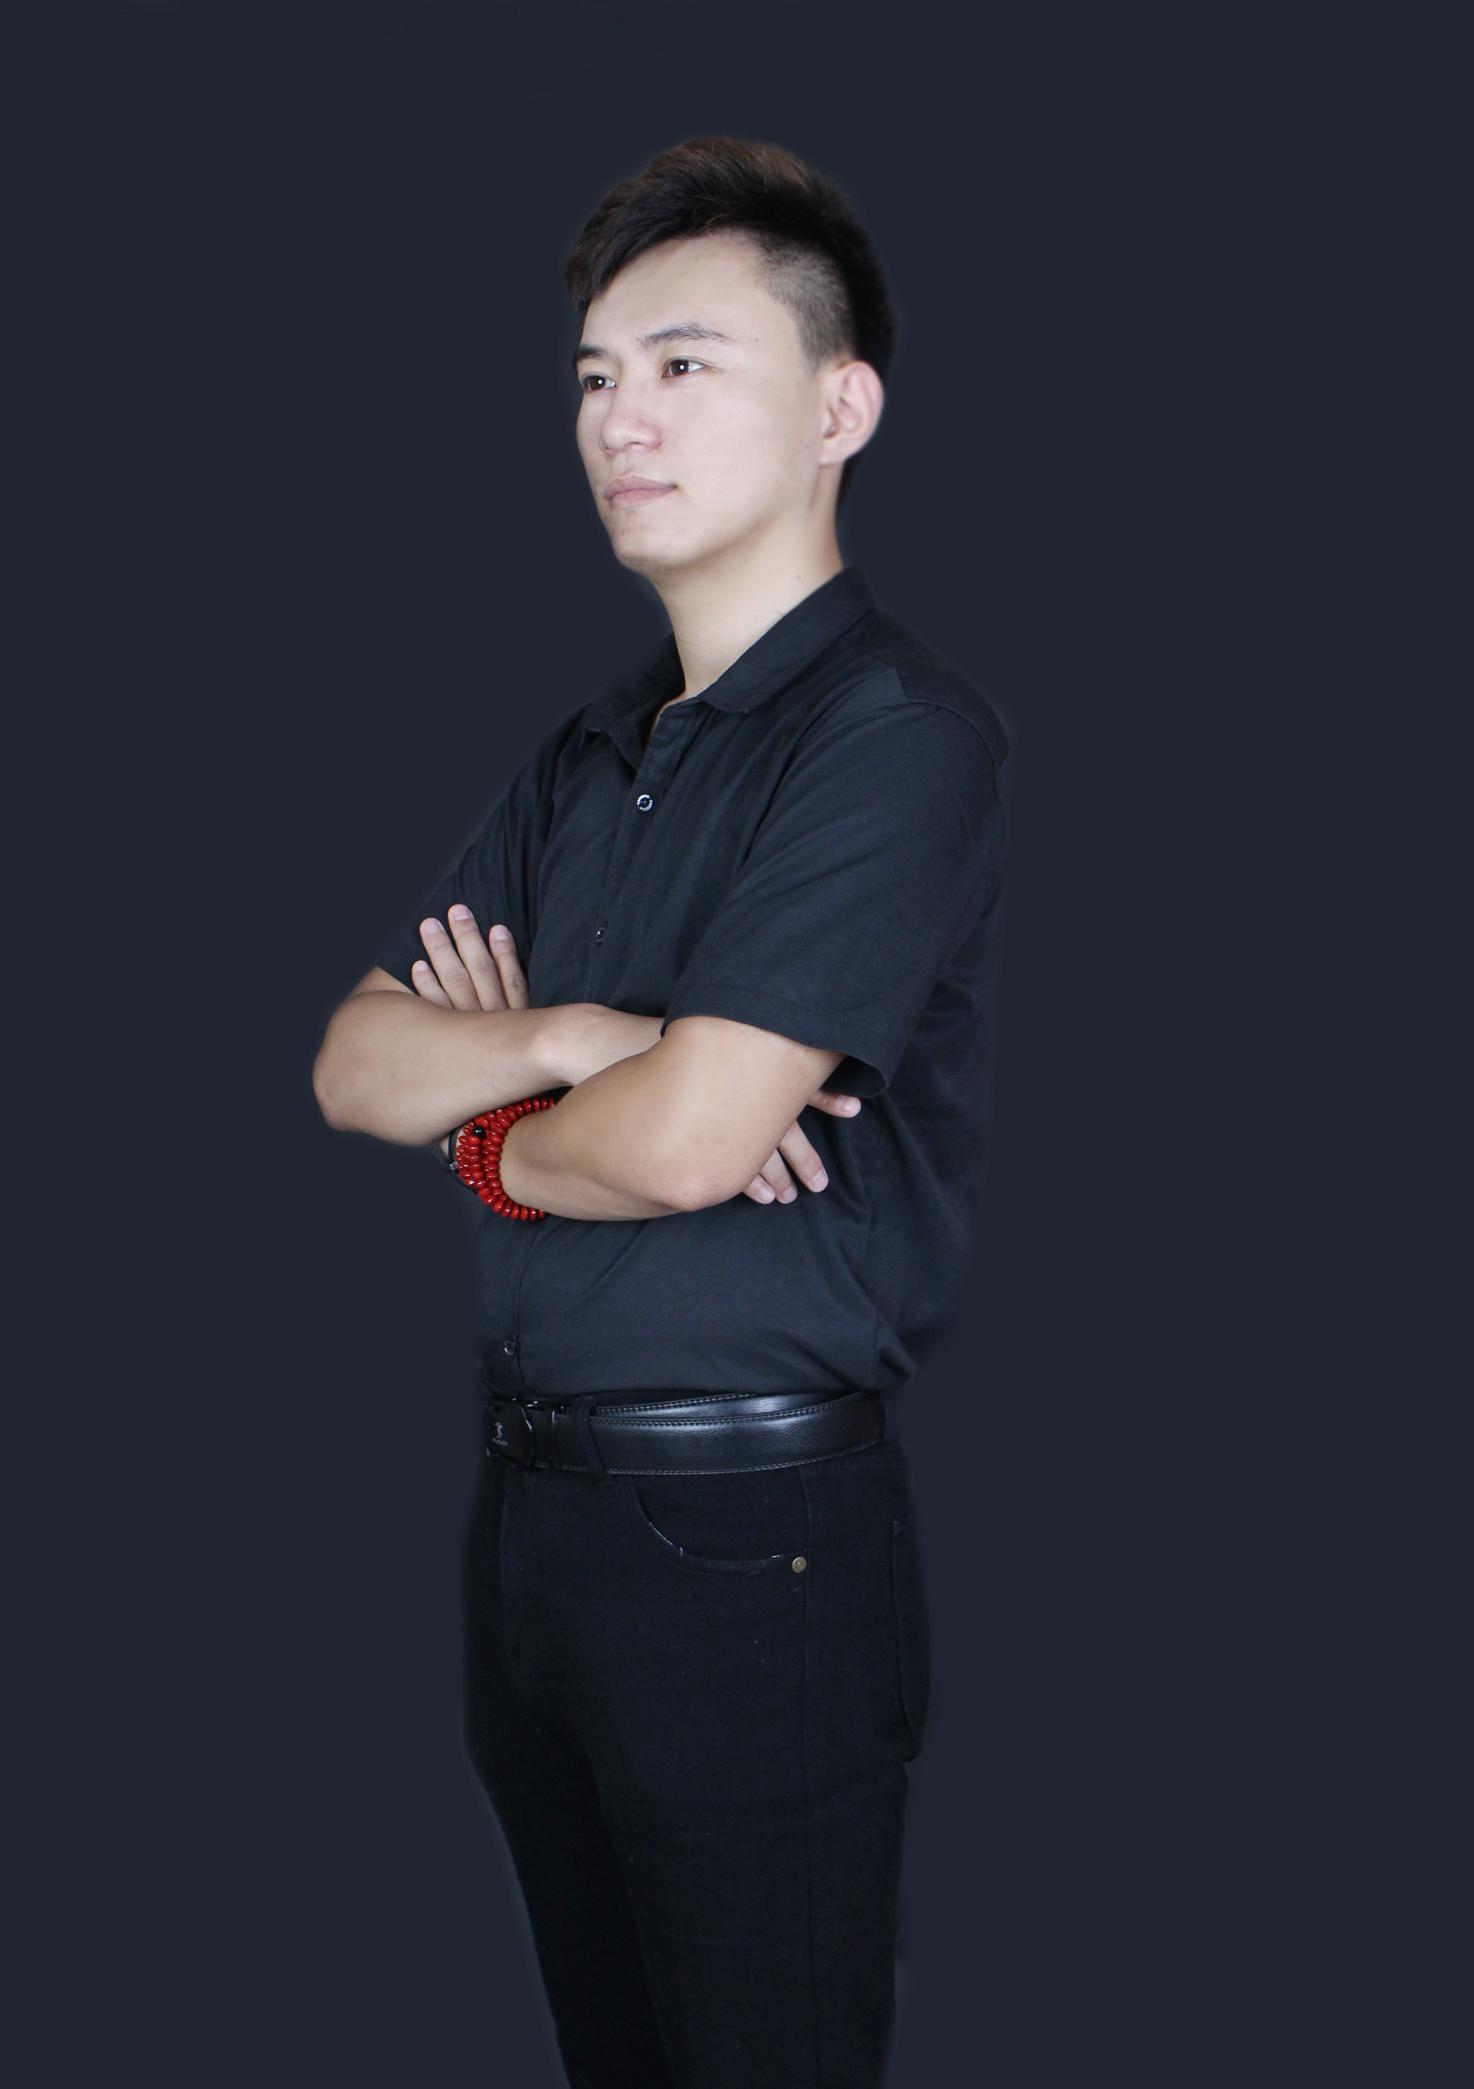 济南赣鲁装饰设计师冯烬